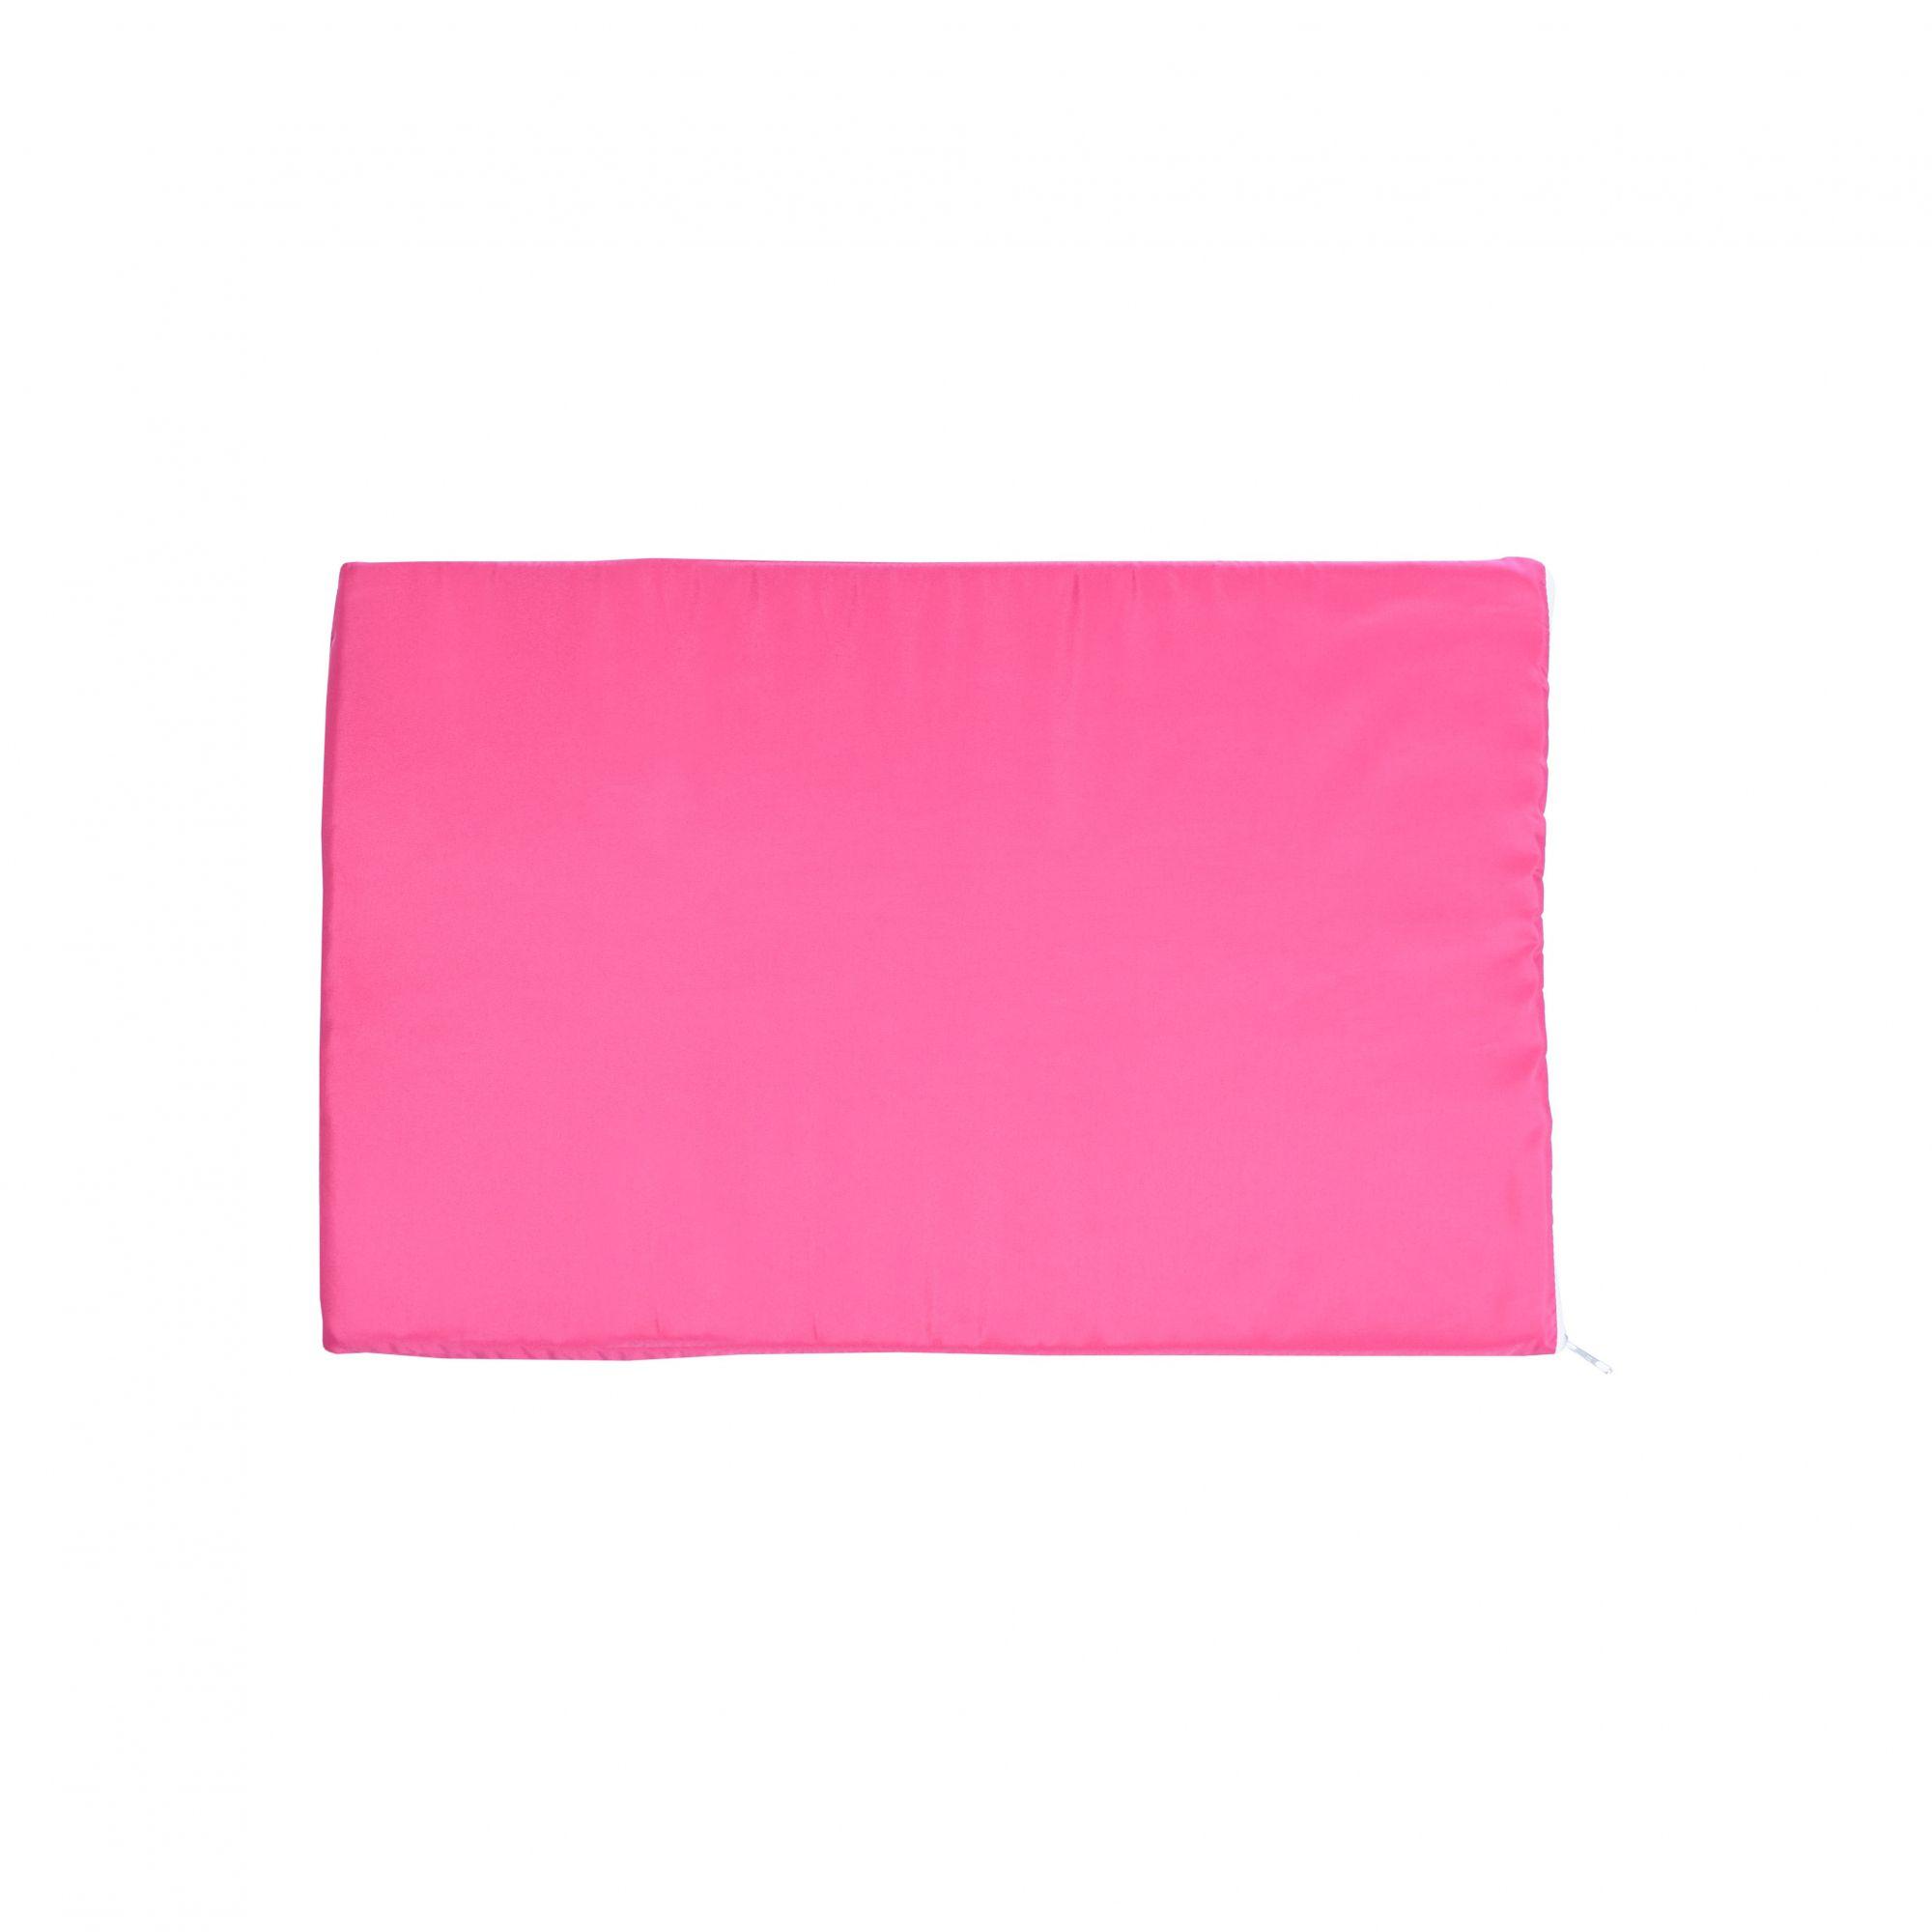 Kit Casinha Madeira 03 com Colchonete Rosa e placa de nome